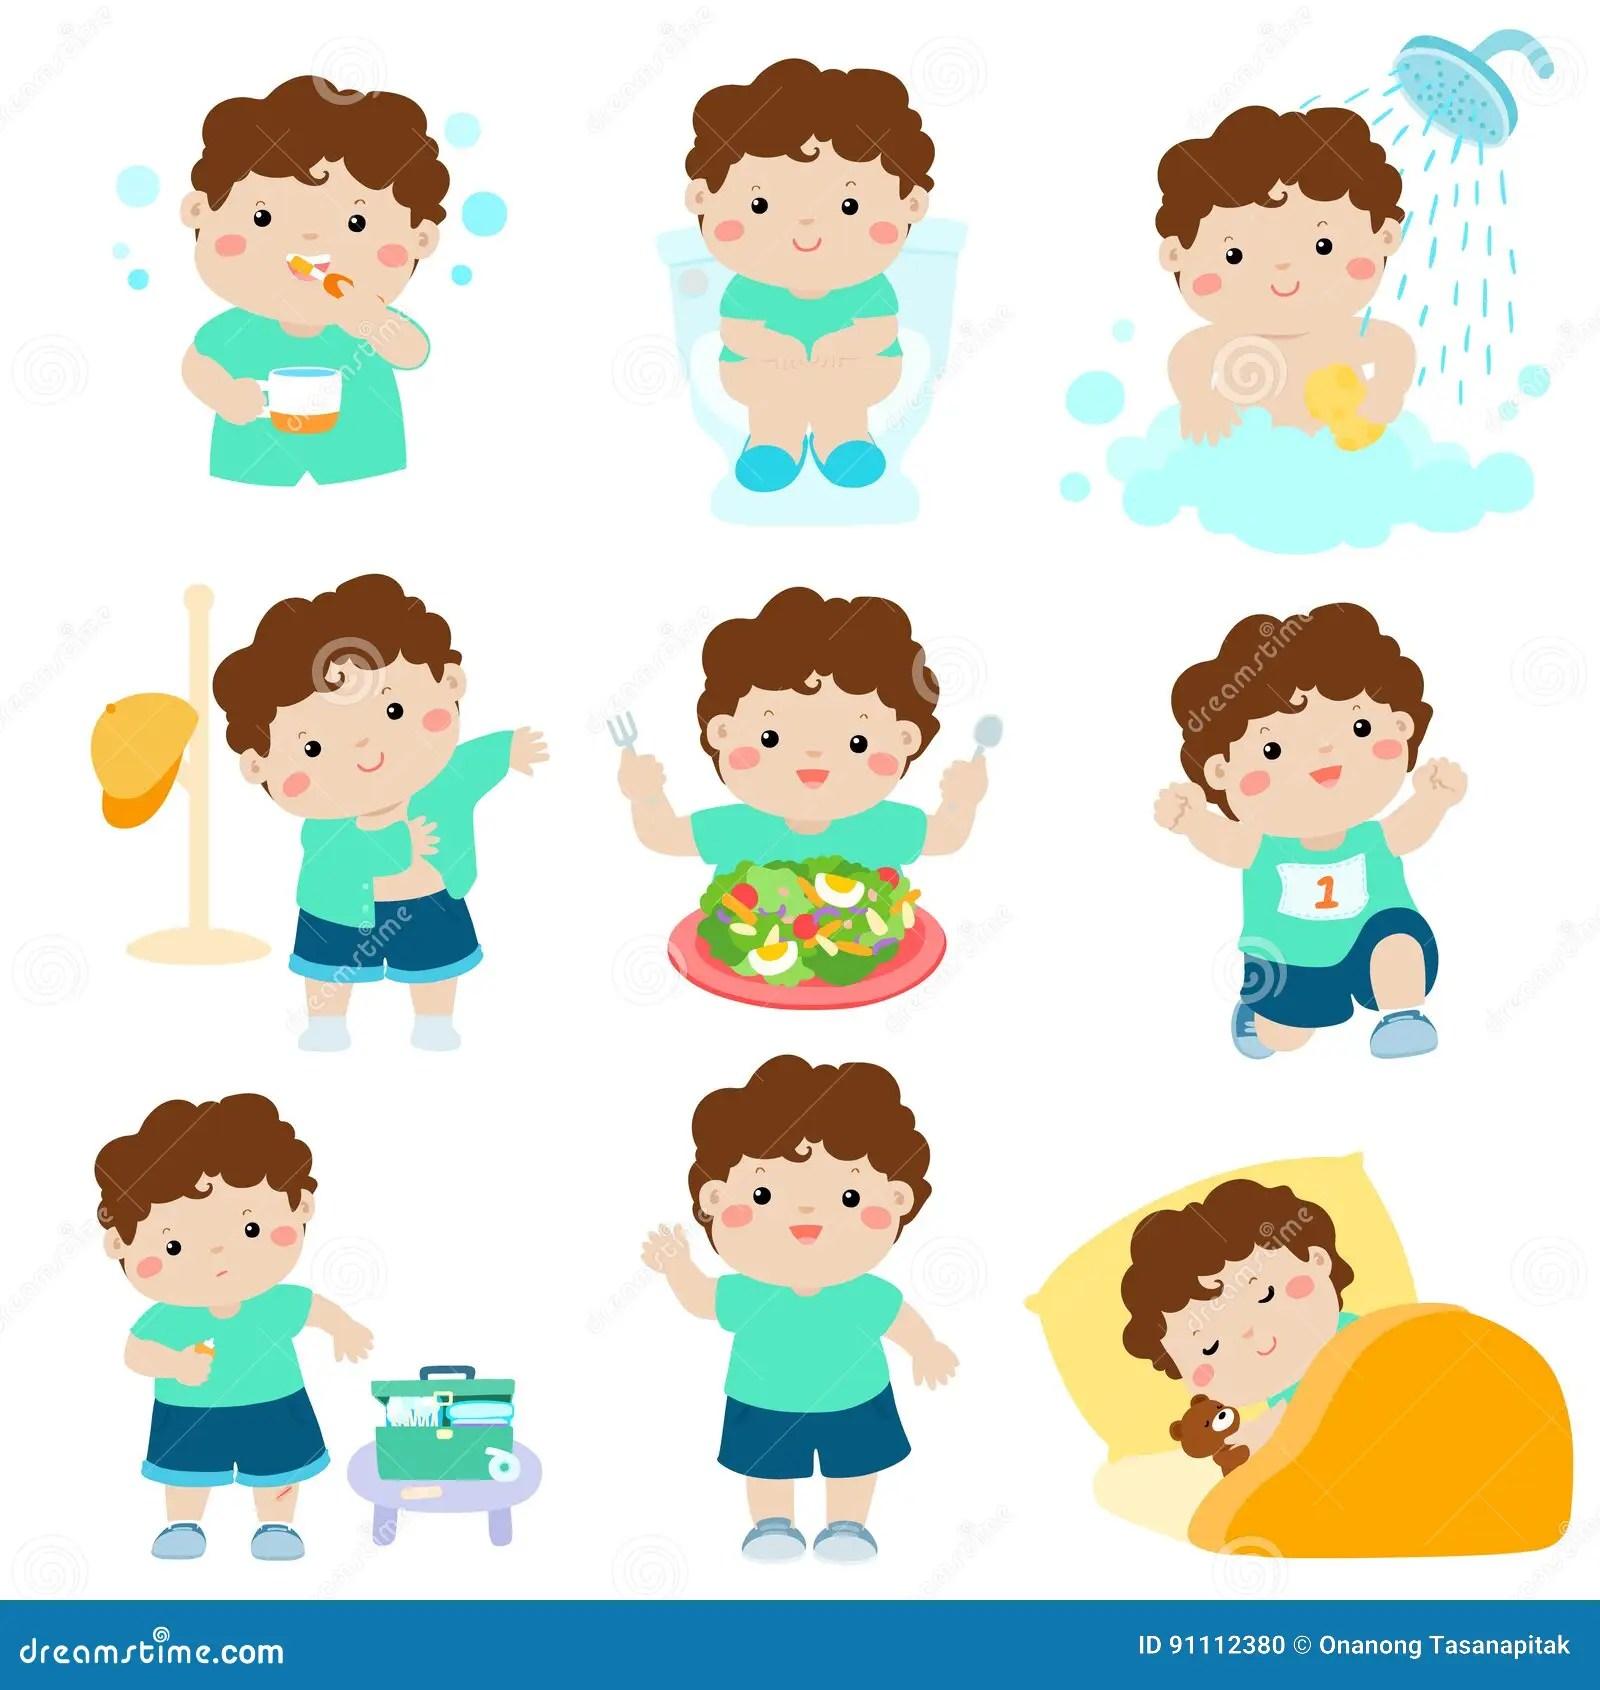 Healthy Hygiene For Boy Cartoon Stock Vector